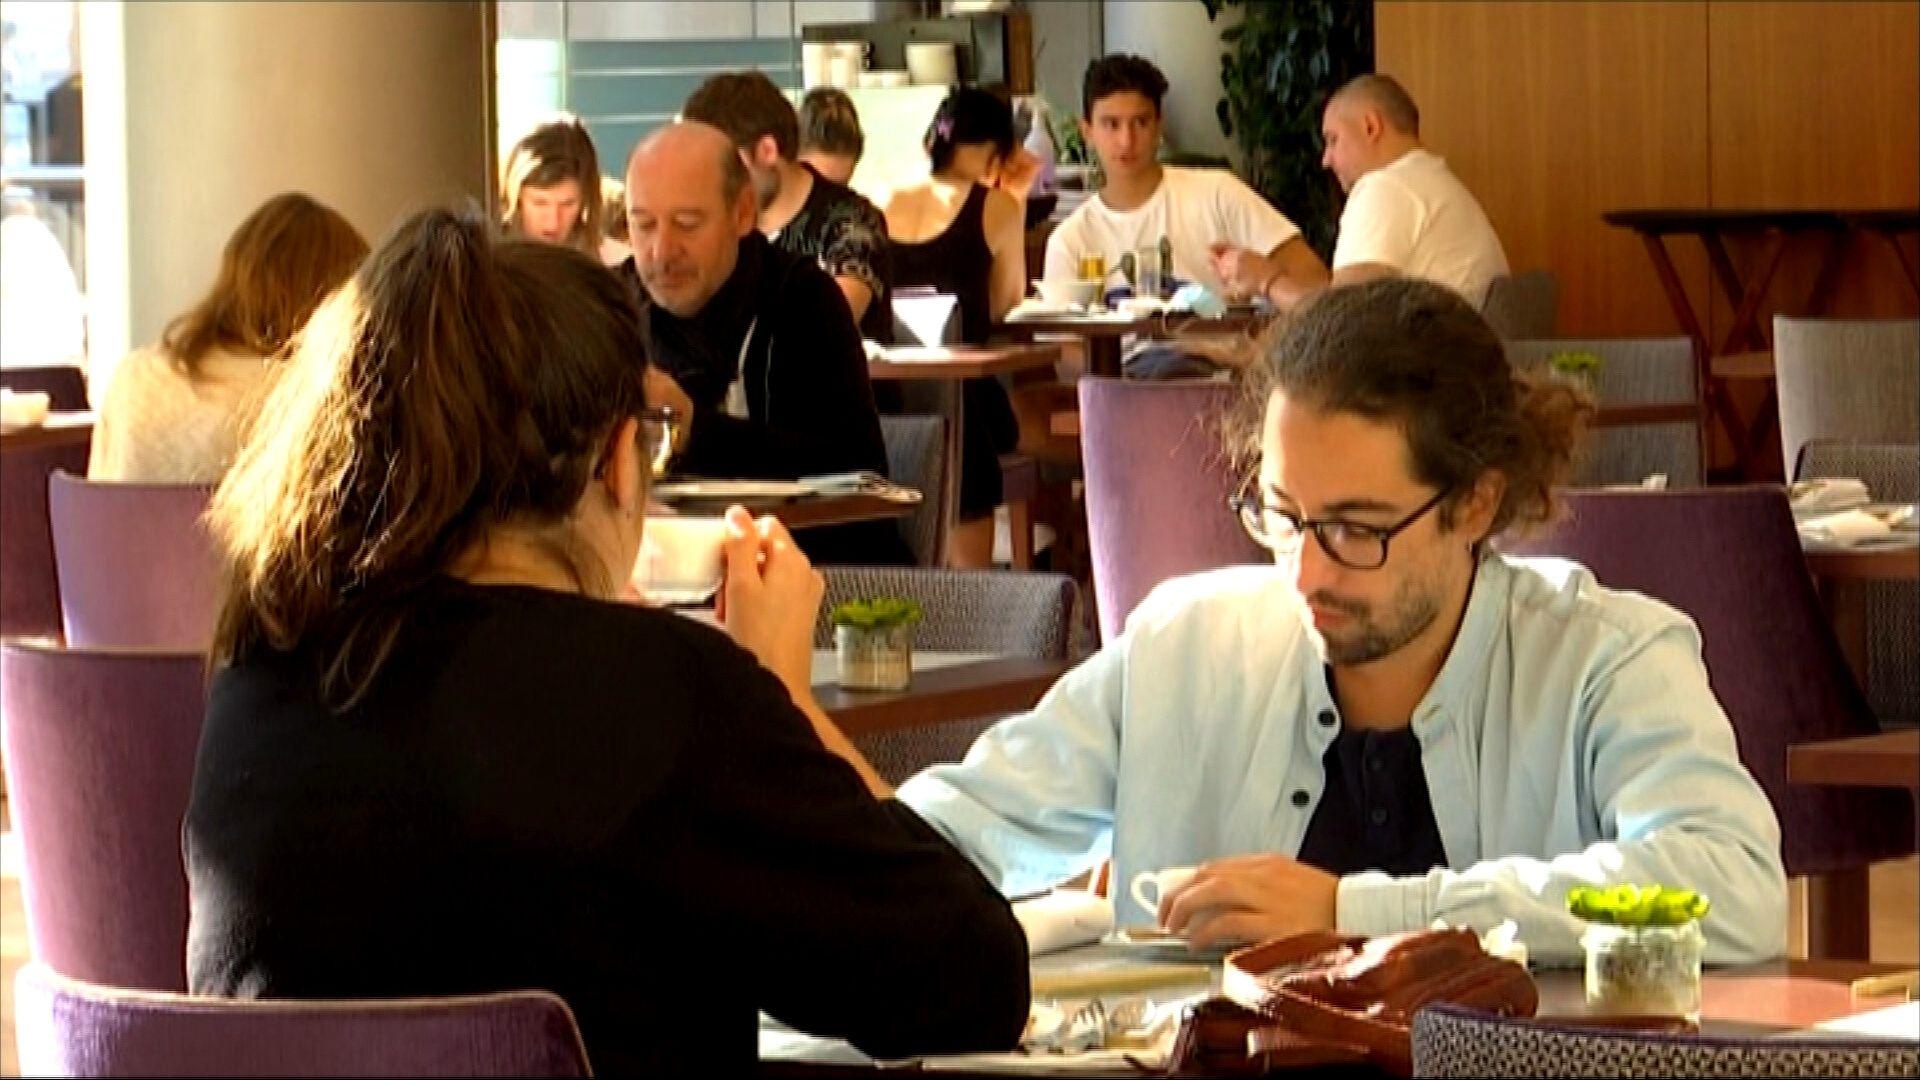 restaurant obert comensals dinant